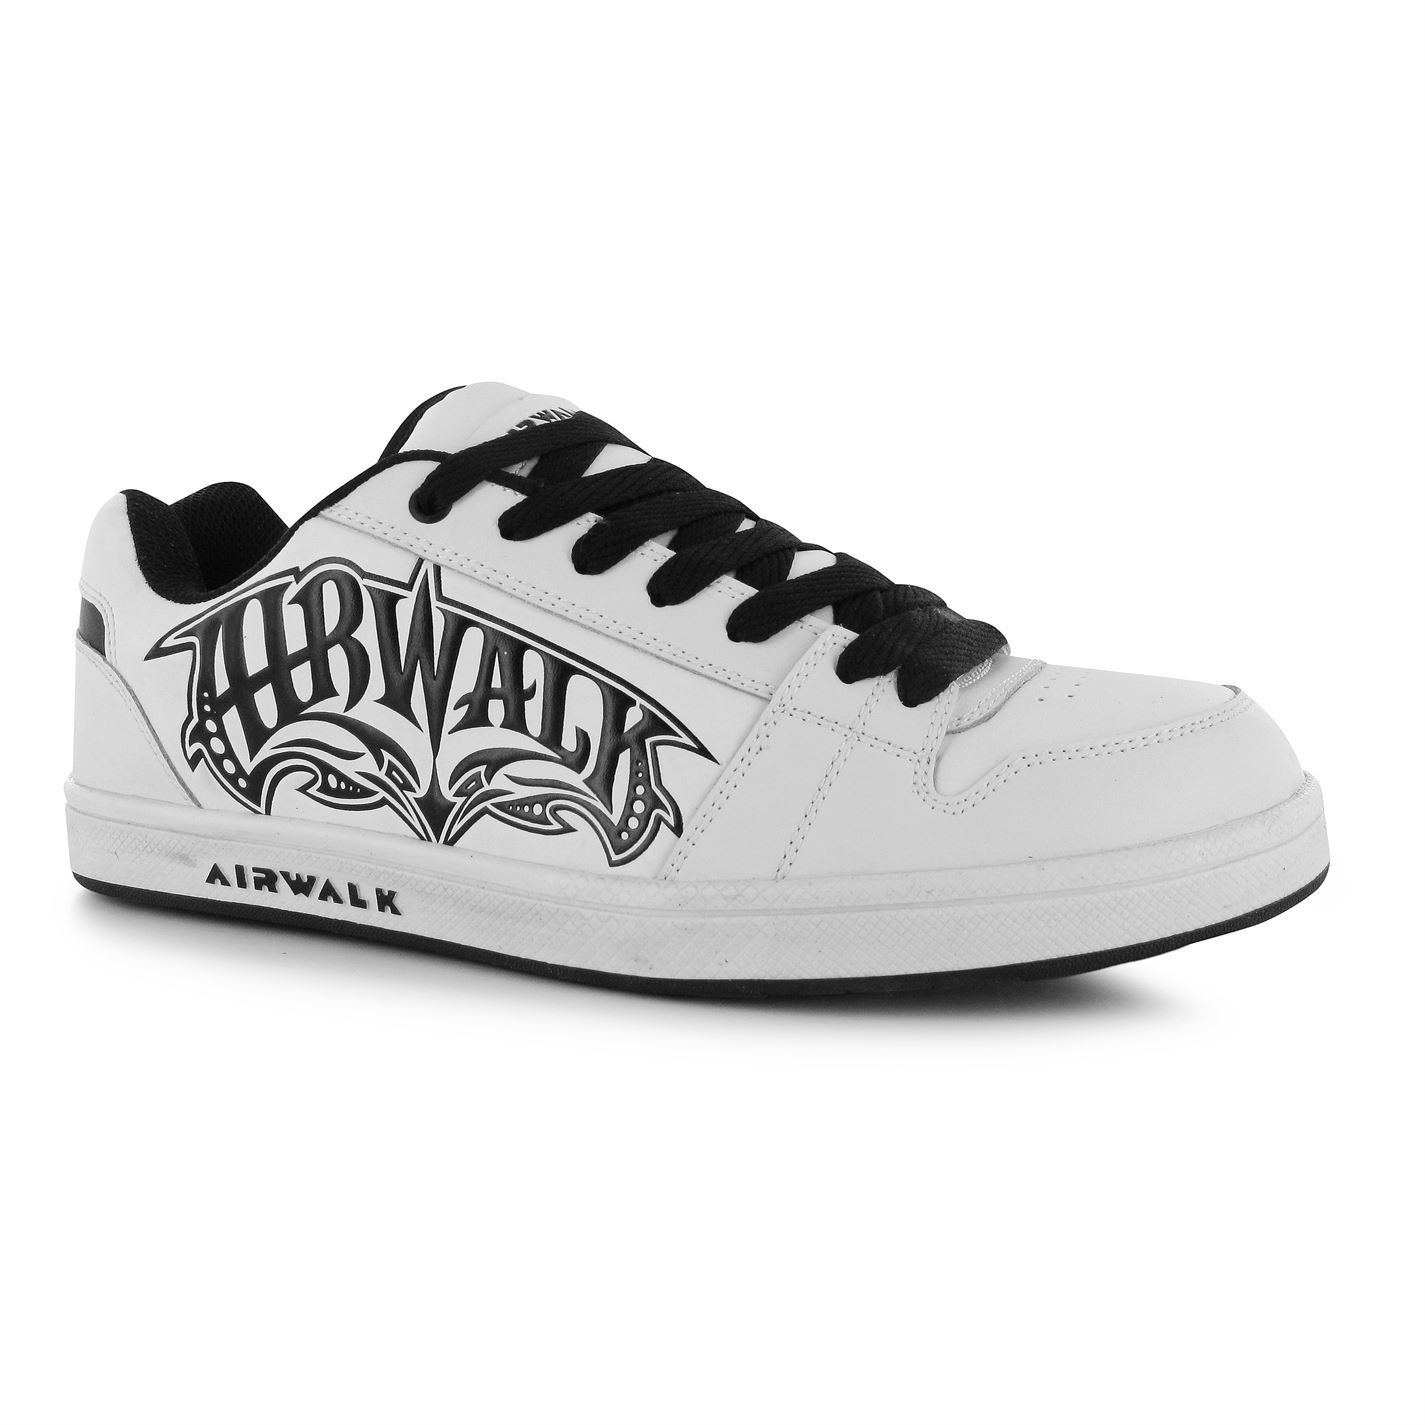 airwalk x skate shoes mens white black casual